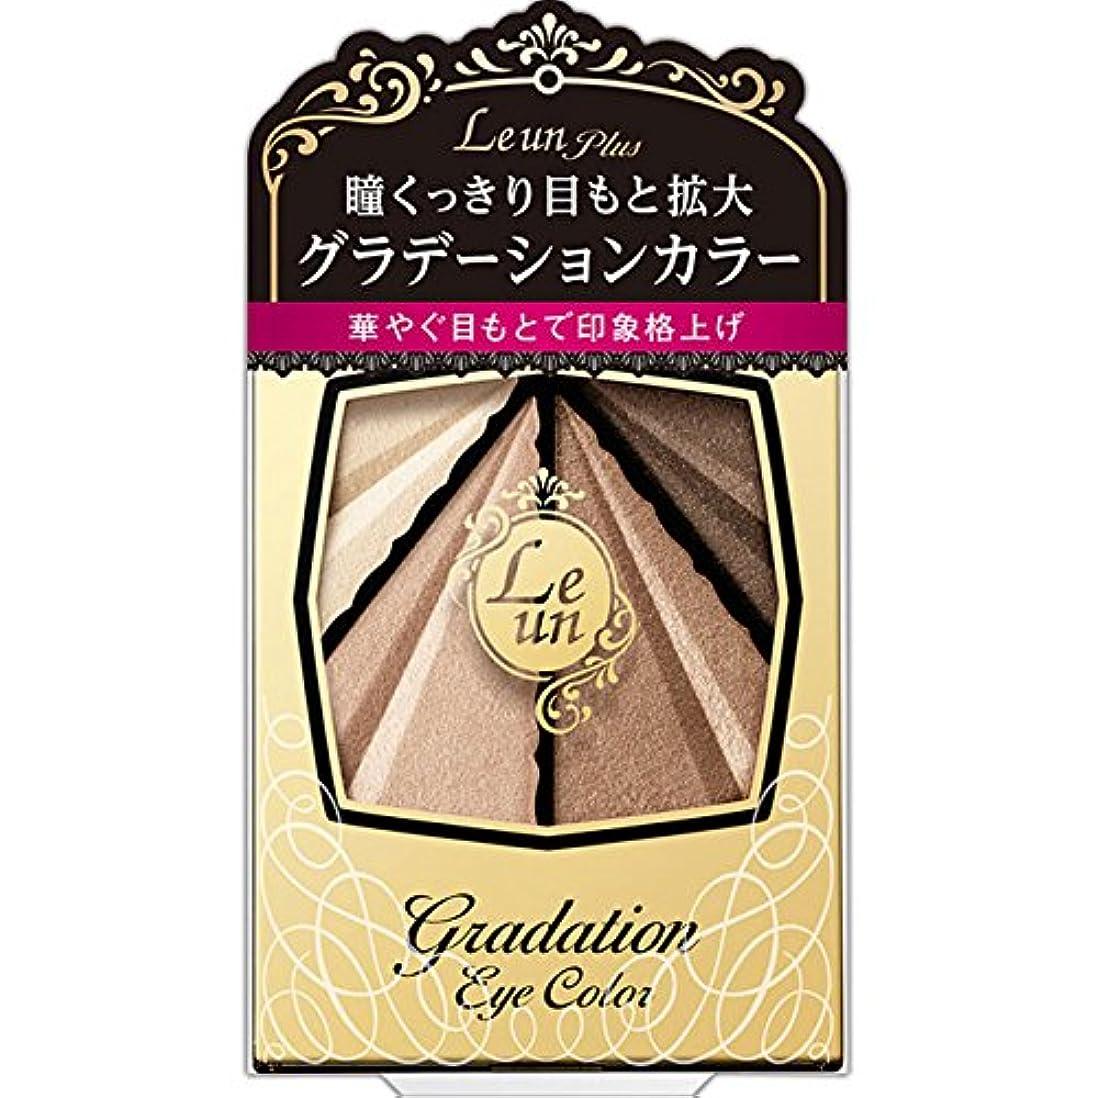 不屈目的小間ルアン プリュス グラデーションアイカラー 01 ゴールドブラウン 3.4g